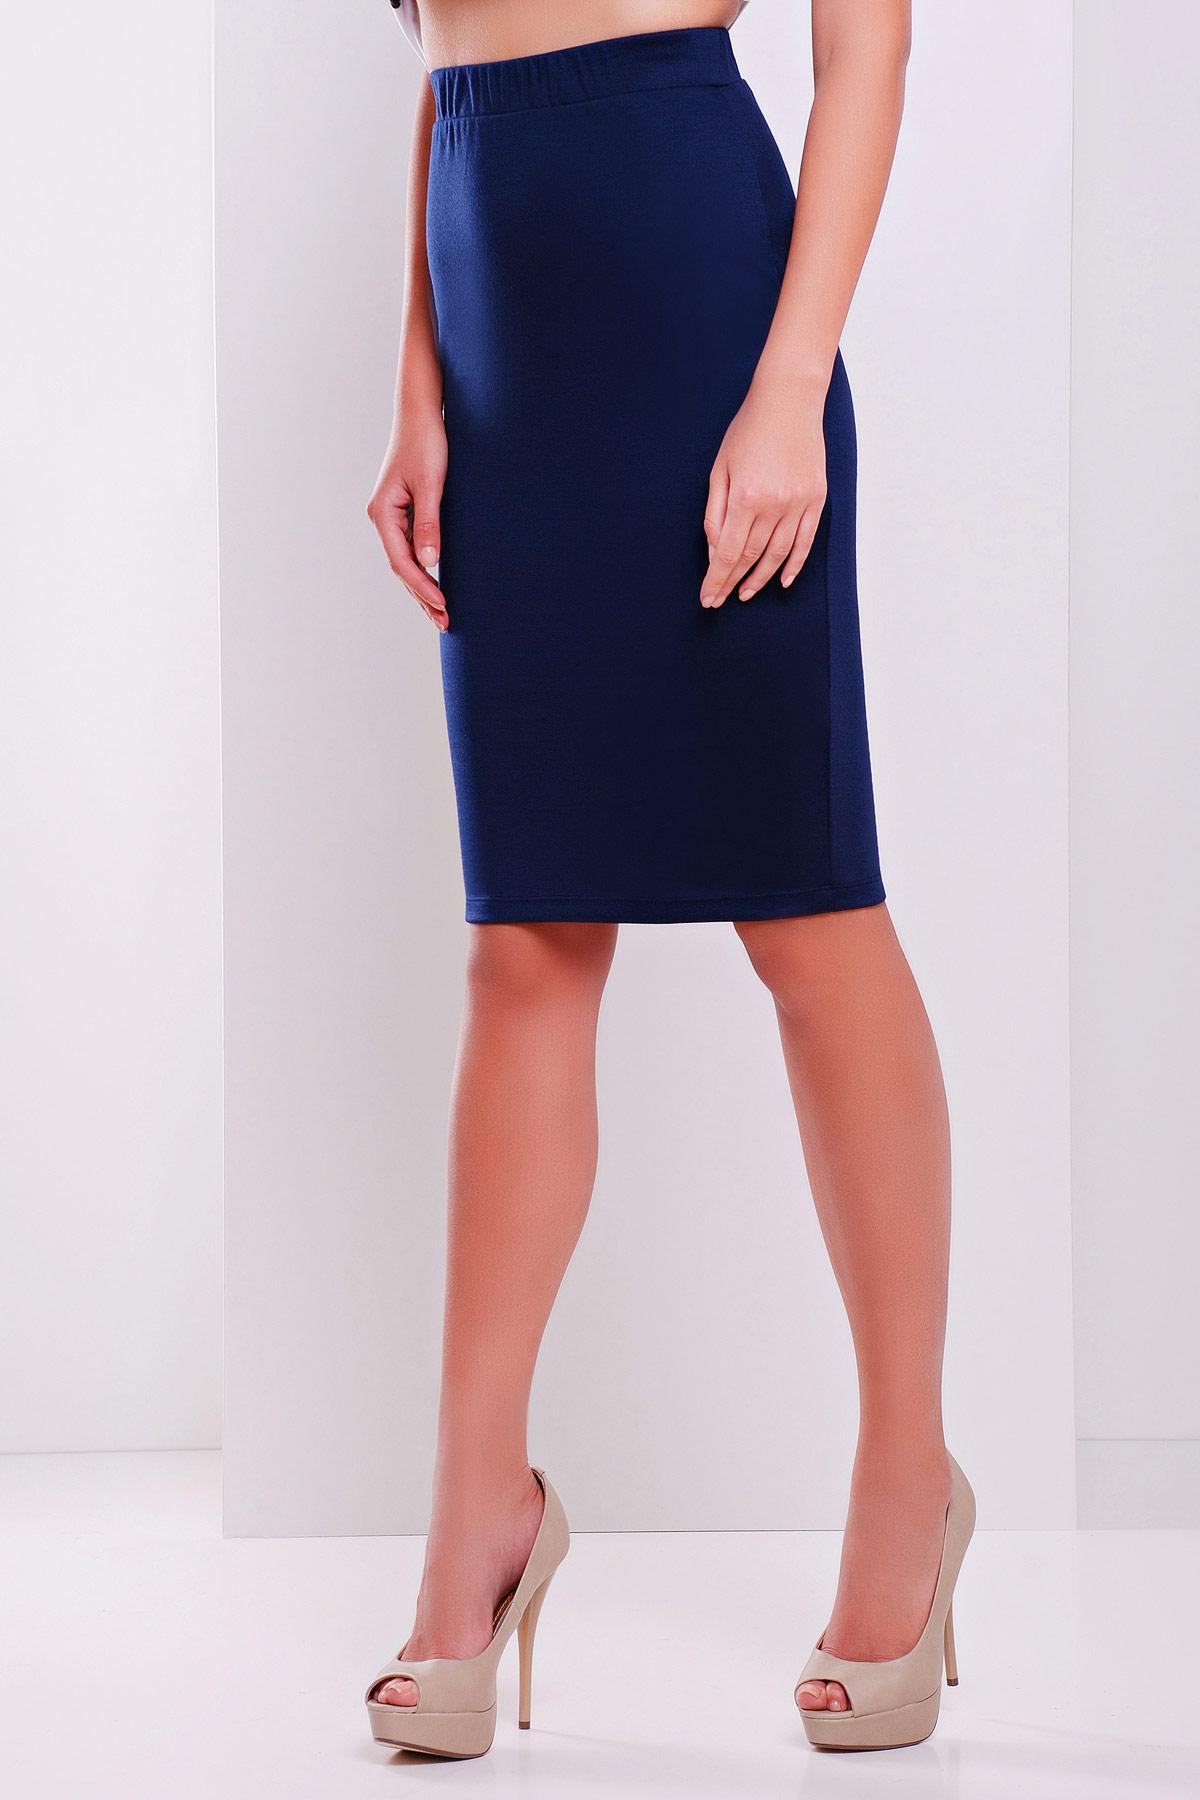 темно-синяя офисная юбка-карандаш. юбка мод. №20. Цвет: темно синий